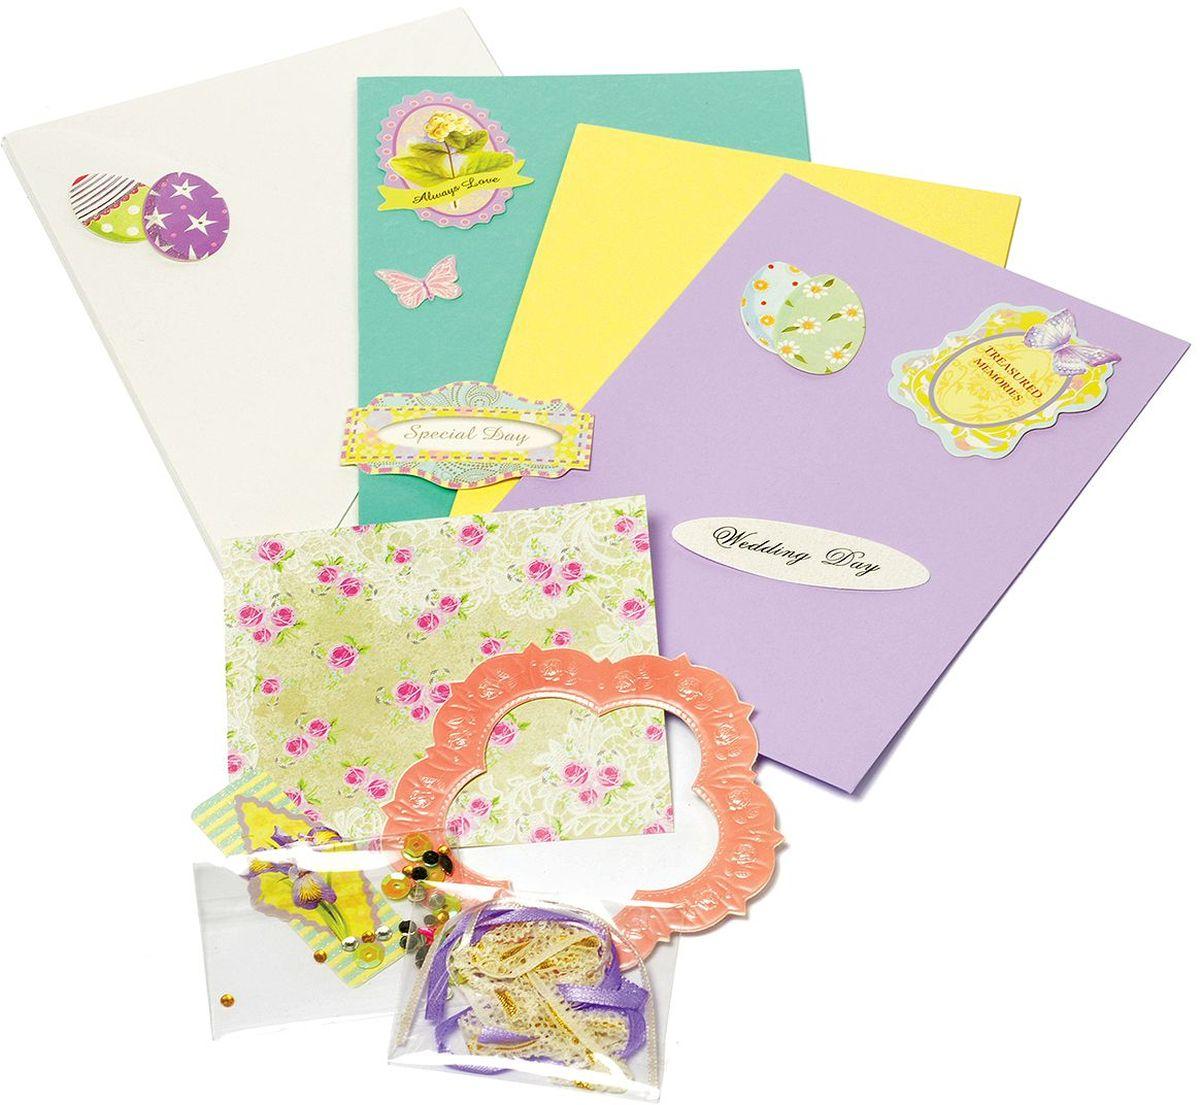 Набор для создания открыток Magic 4 Hobby MG.DIY-3 №2 11,5x17 смMG.DIY-3.02